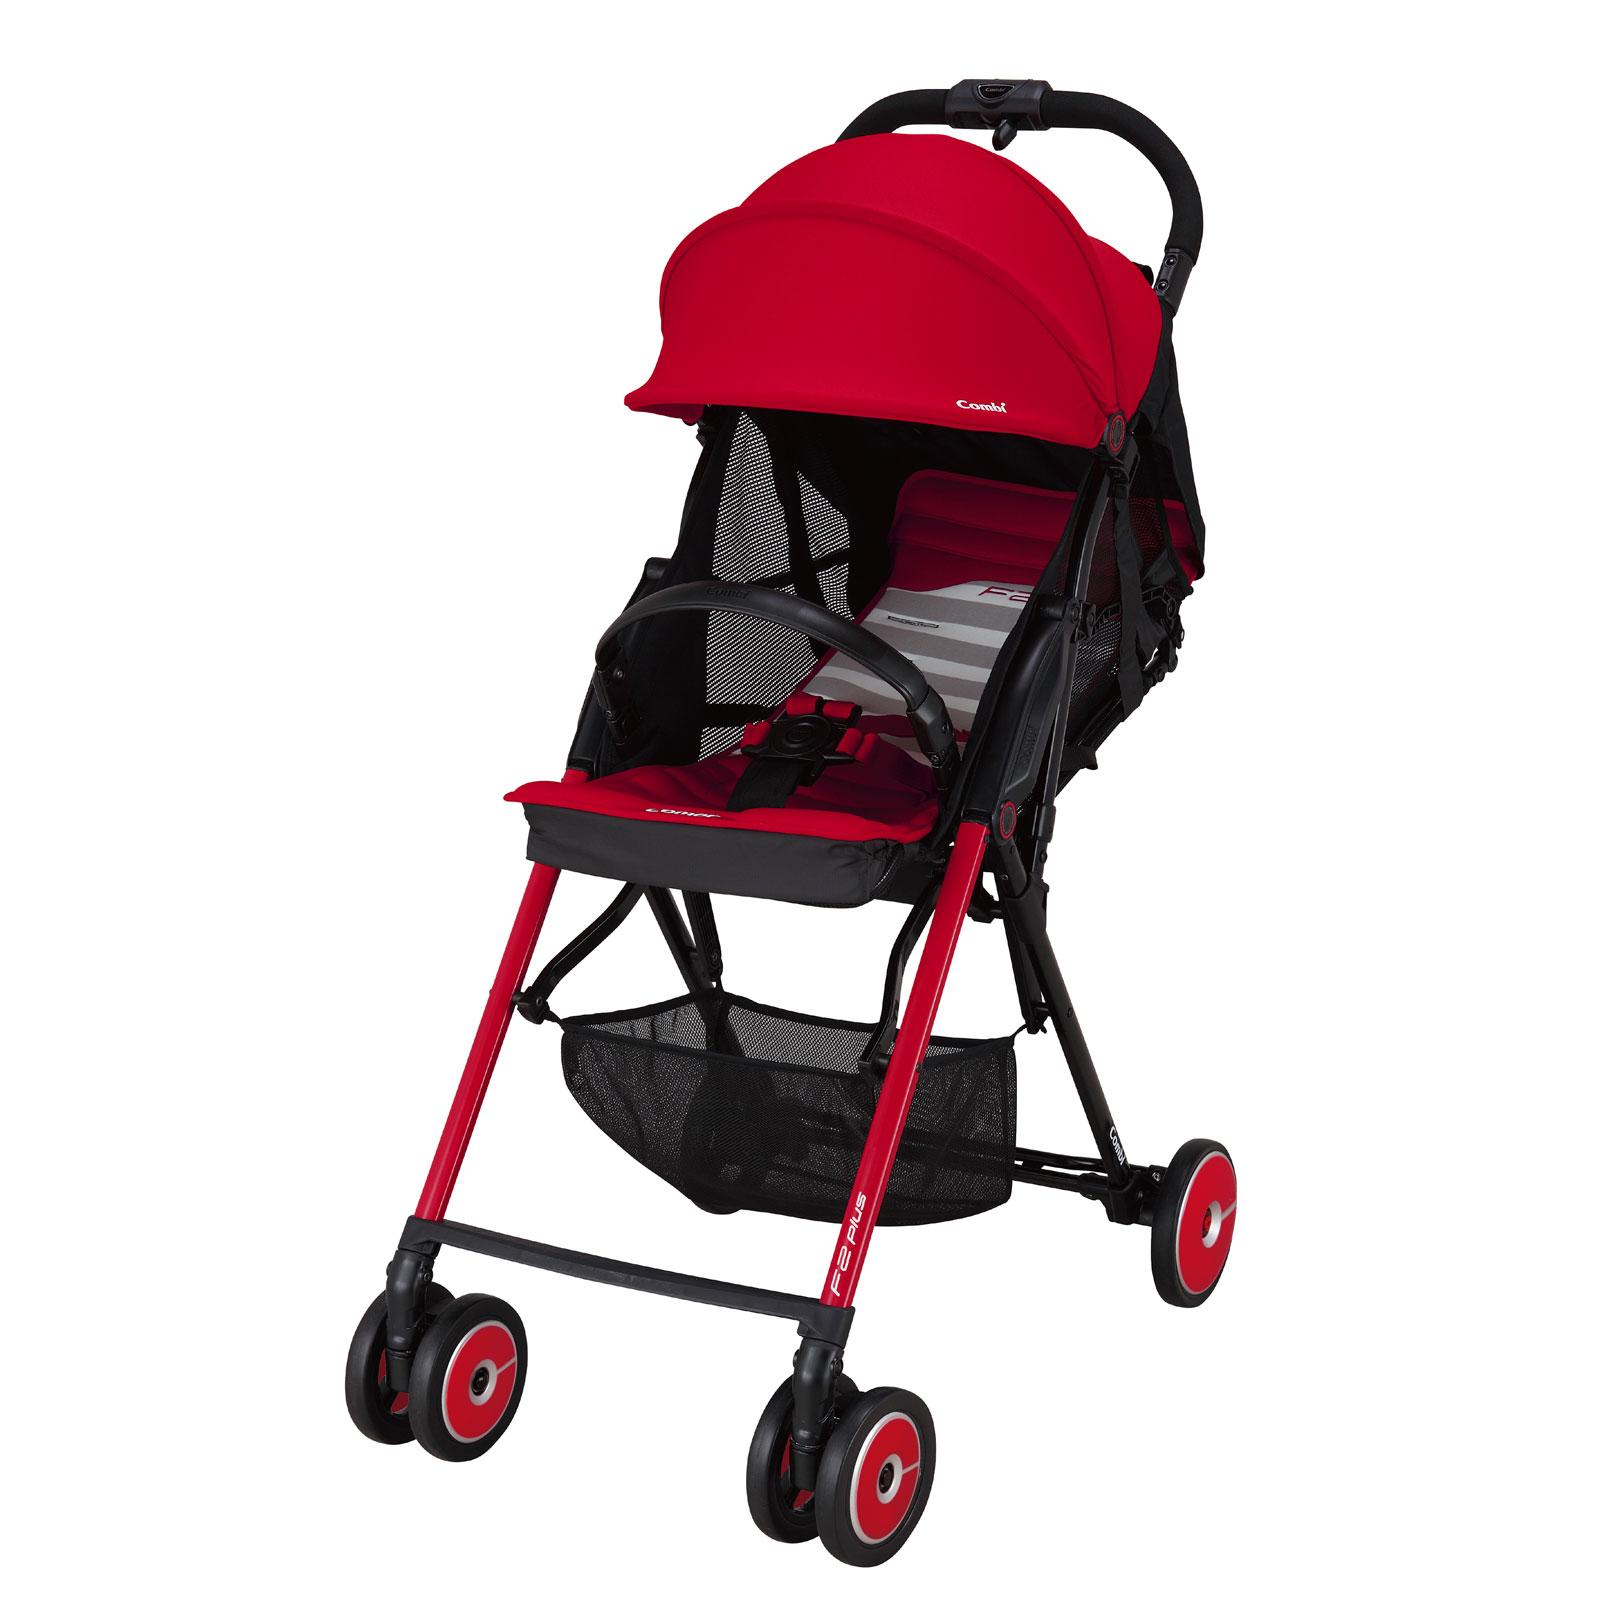 Коляска Combi F2 Plus Model 2016 Красный<br>